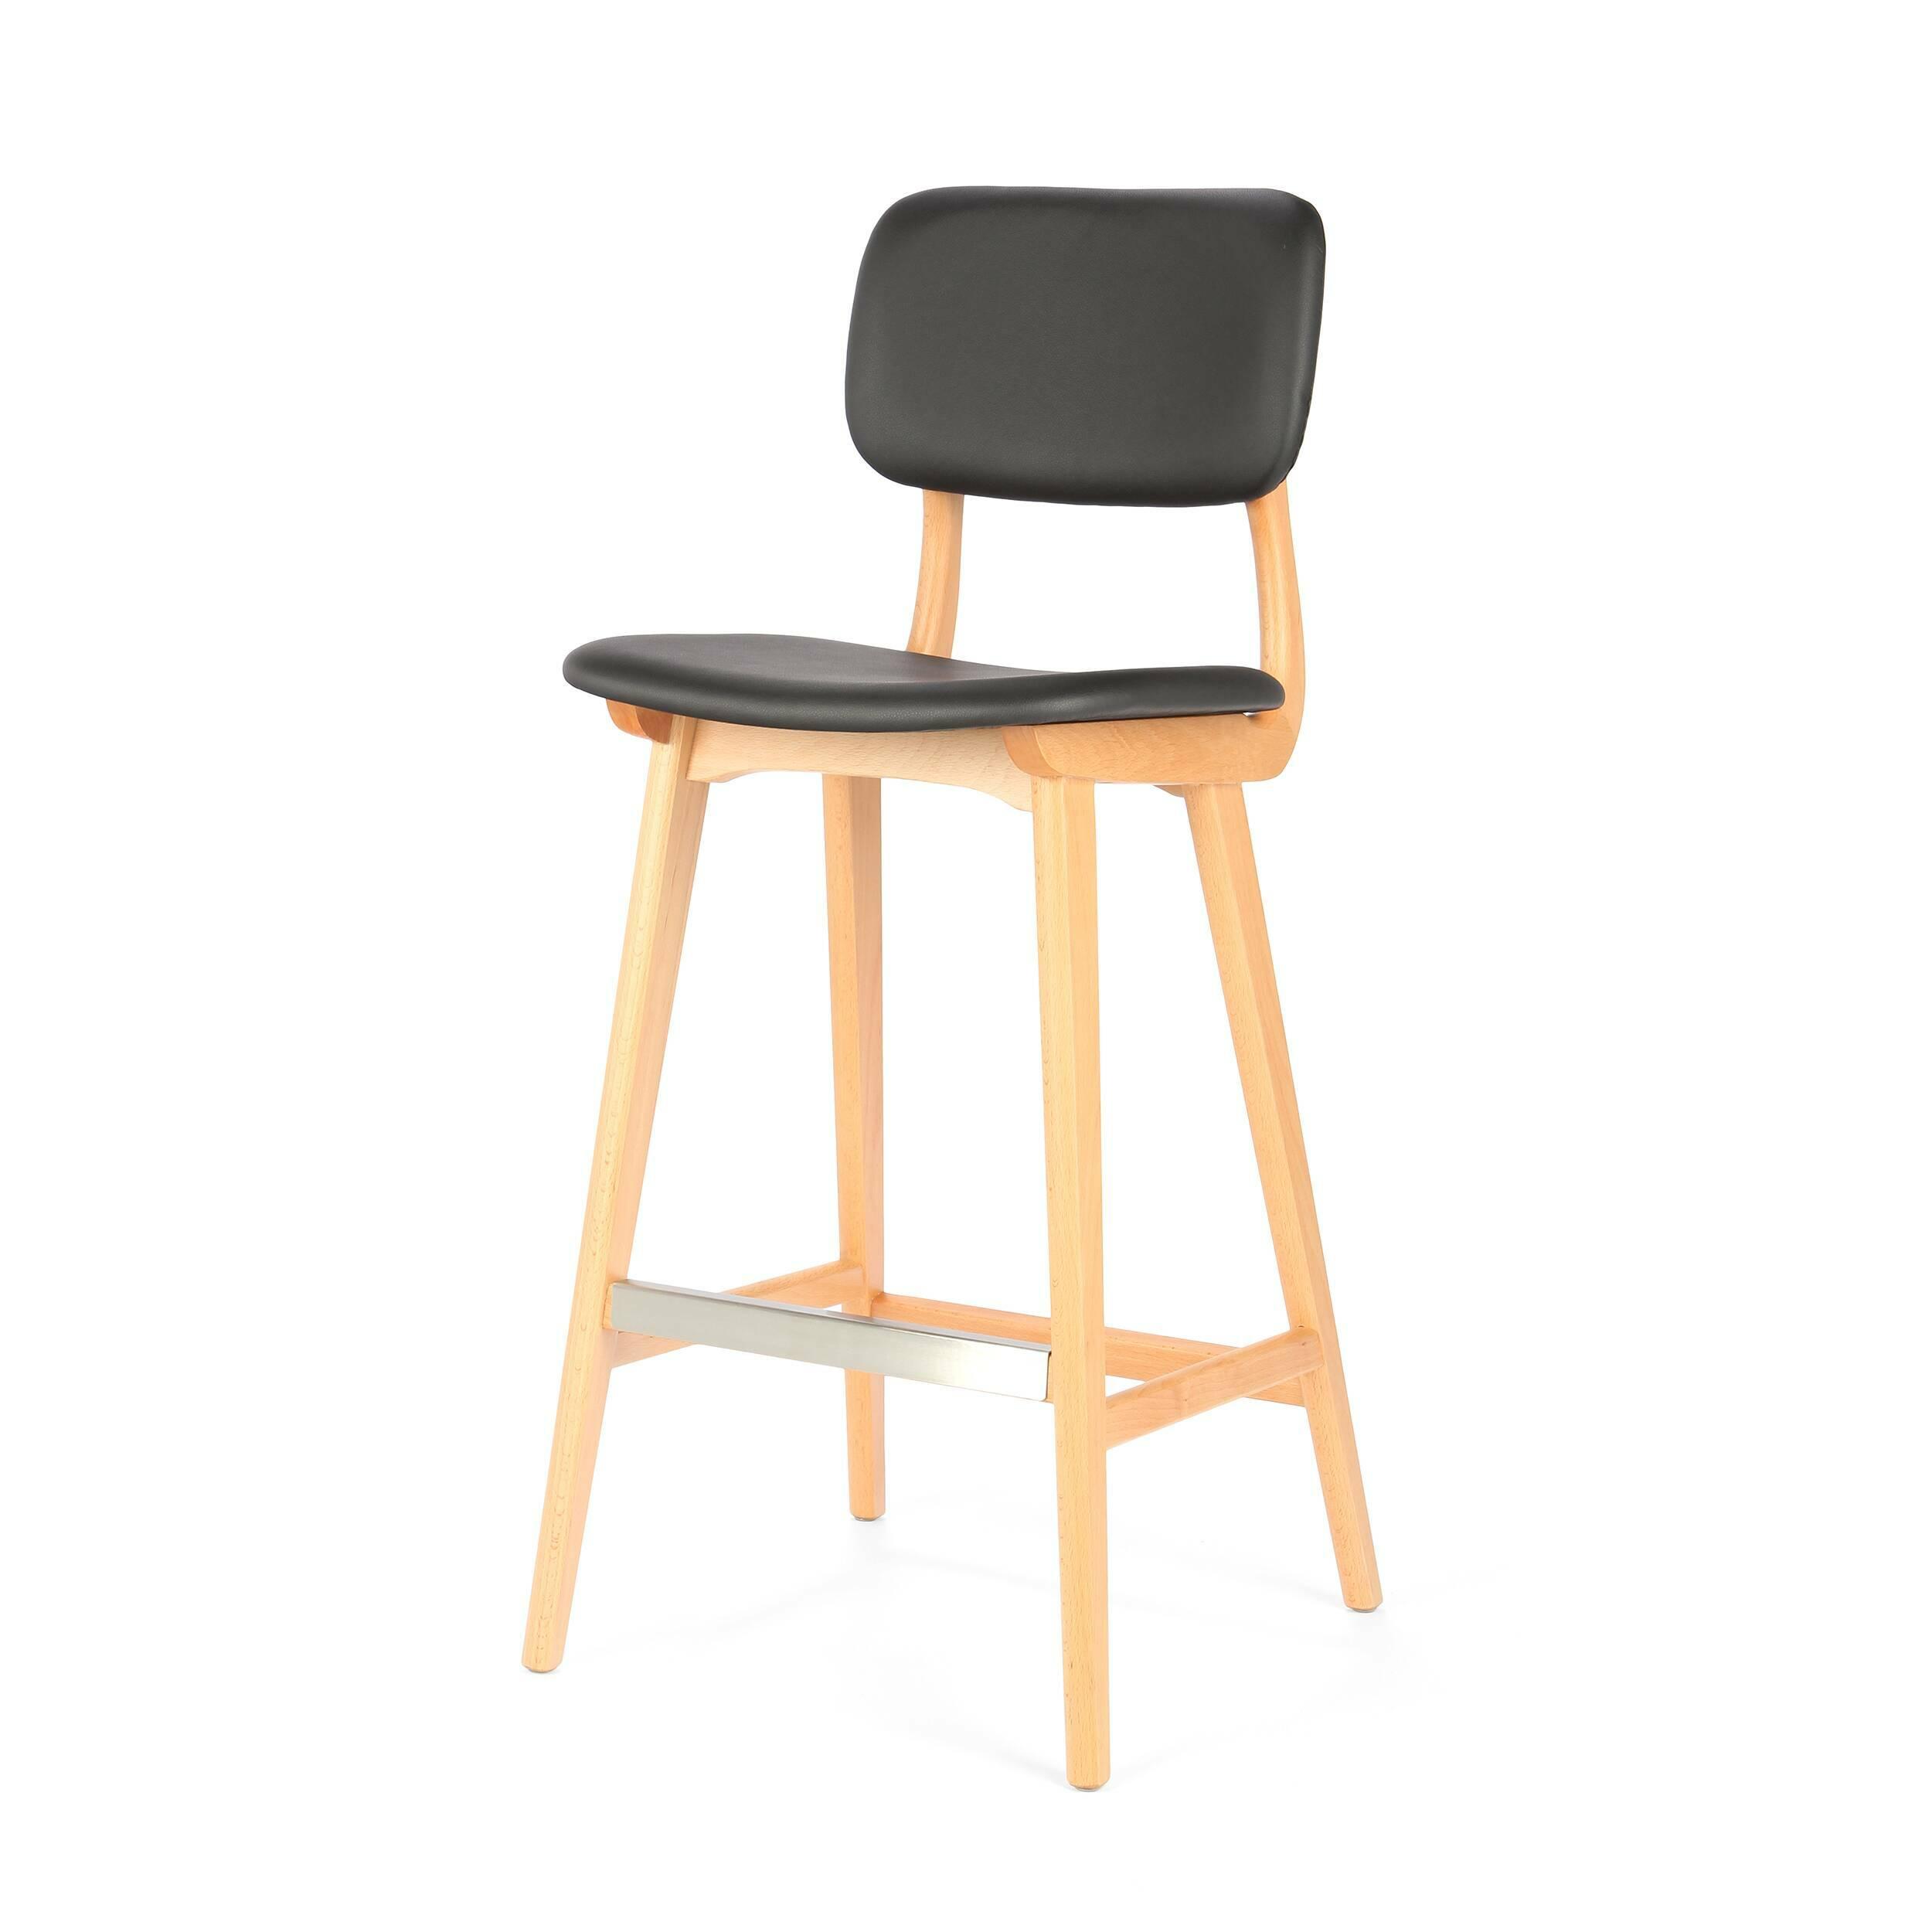 Барный стул Civil 2Барные<br>Простой дизайн и комфорт, стиль и изящество элитного дерева — все это сочетается в представленном здесь барном стуле Civil 2. Этот стул будет прекрасно смотреться не только в офисе или кабинете, но также подойдет и в квартиру. Благодаря двум вариантам обивки, имеющимся в наличии, вы сможете подобрать стул, который подойдет именно вашему интерьеру.<br><br><br> В качестве основного материала для изготовления этих стульев используется высококачественная, невероятно прочная древесина американского...<br><br>stock: 19<br>Высота: 100<br>Высота сиденья: 76<br>Ширина: 45<br>Глубина: 54,5<br>Материал каркаса: Массив бука<br>Тип материала каркаса: Дерево<br>Материал сидения: Полиуретан<br>Цвет сидения: Черный<br>Тип материала сидения: Кожа искусственная<br>Коллекция ткани: Premium Grade PU<br>Цвет каркаса: Светло-коричневый